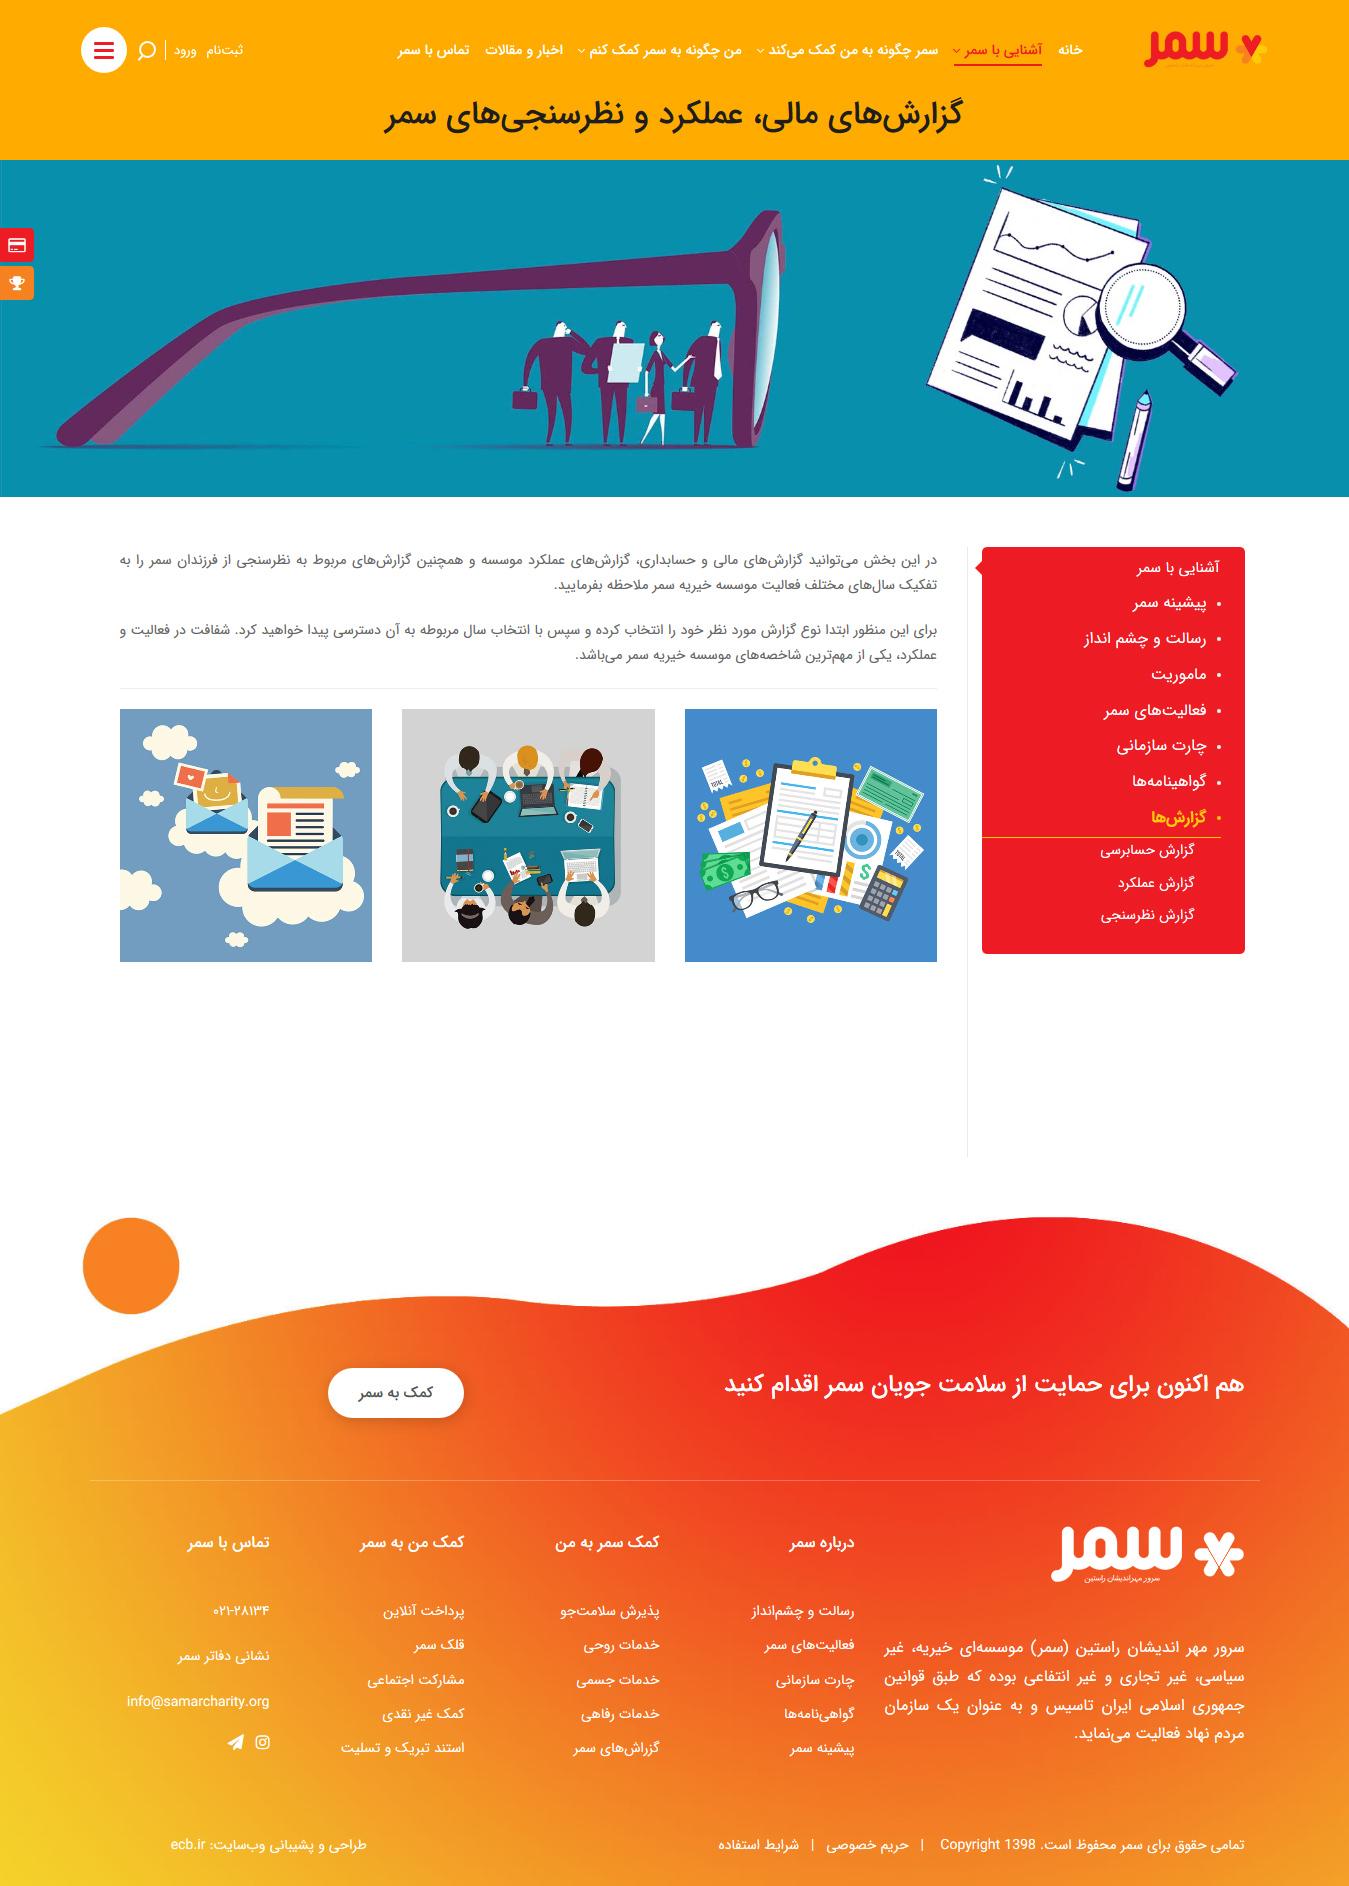 تصویری از صفحه گزارشات موسسه خیریه سمر